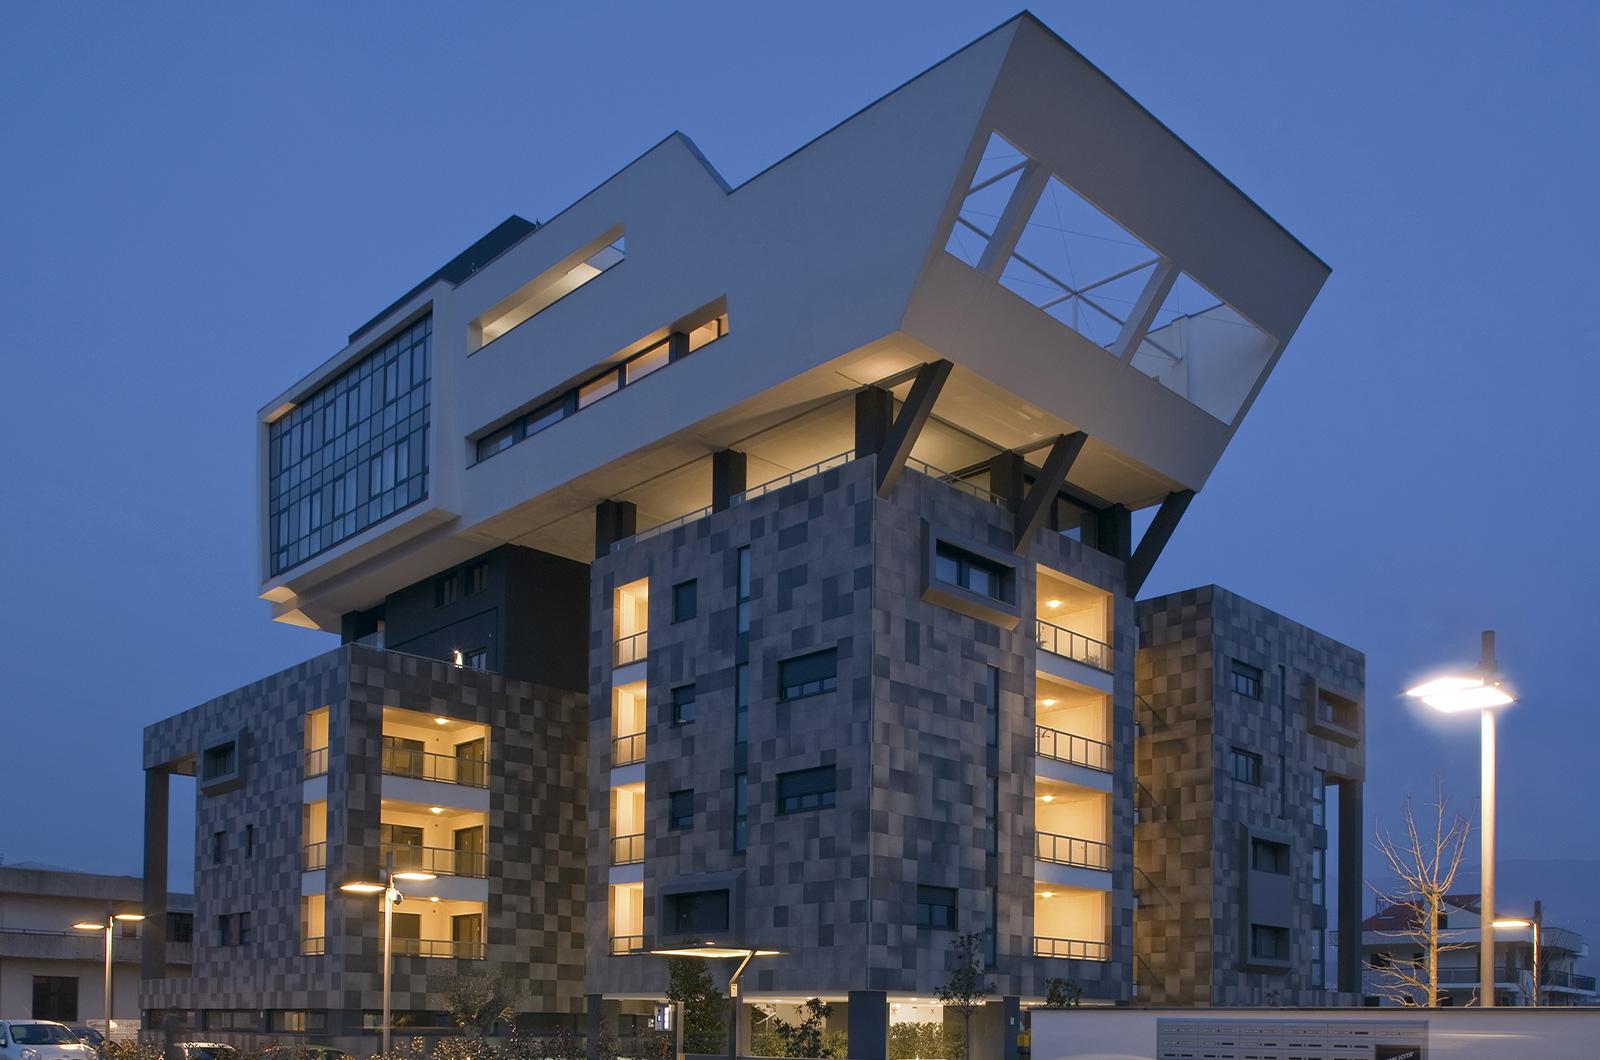 Progetto residenziale realizzato con Archicad da Malara Architetti